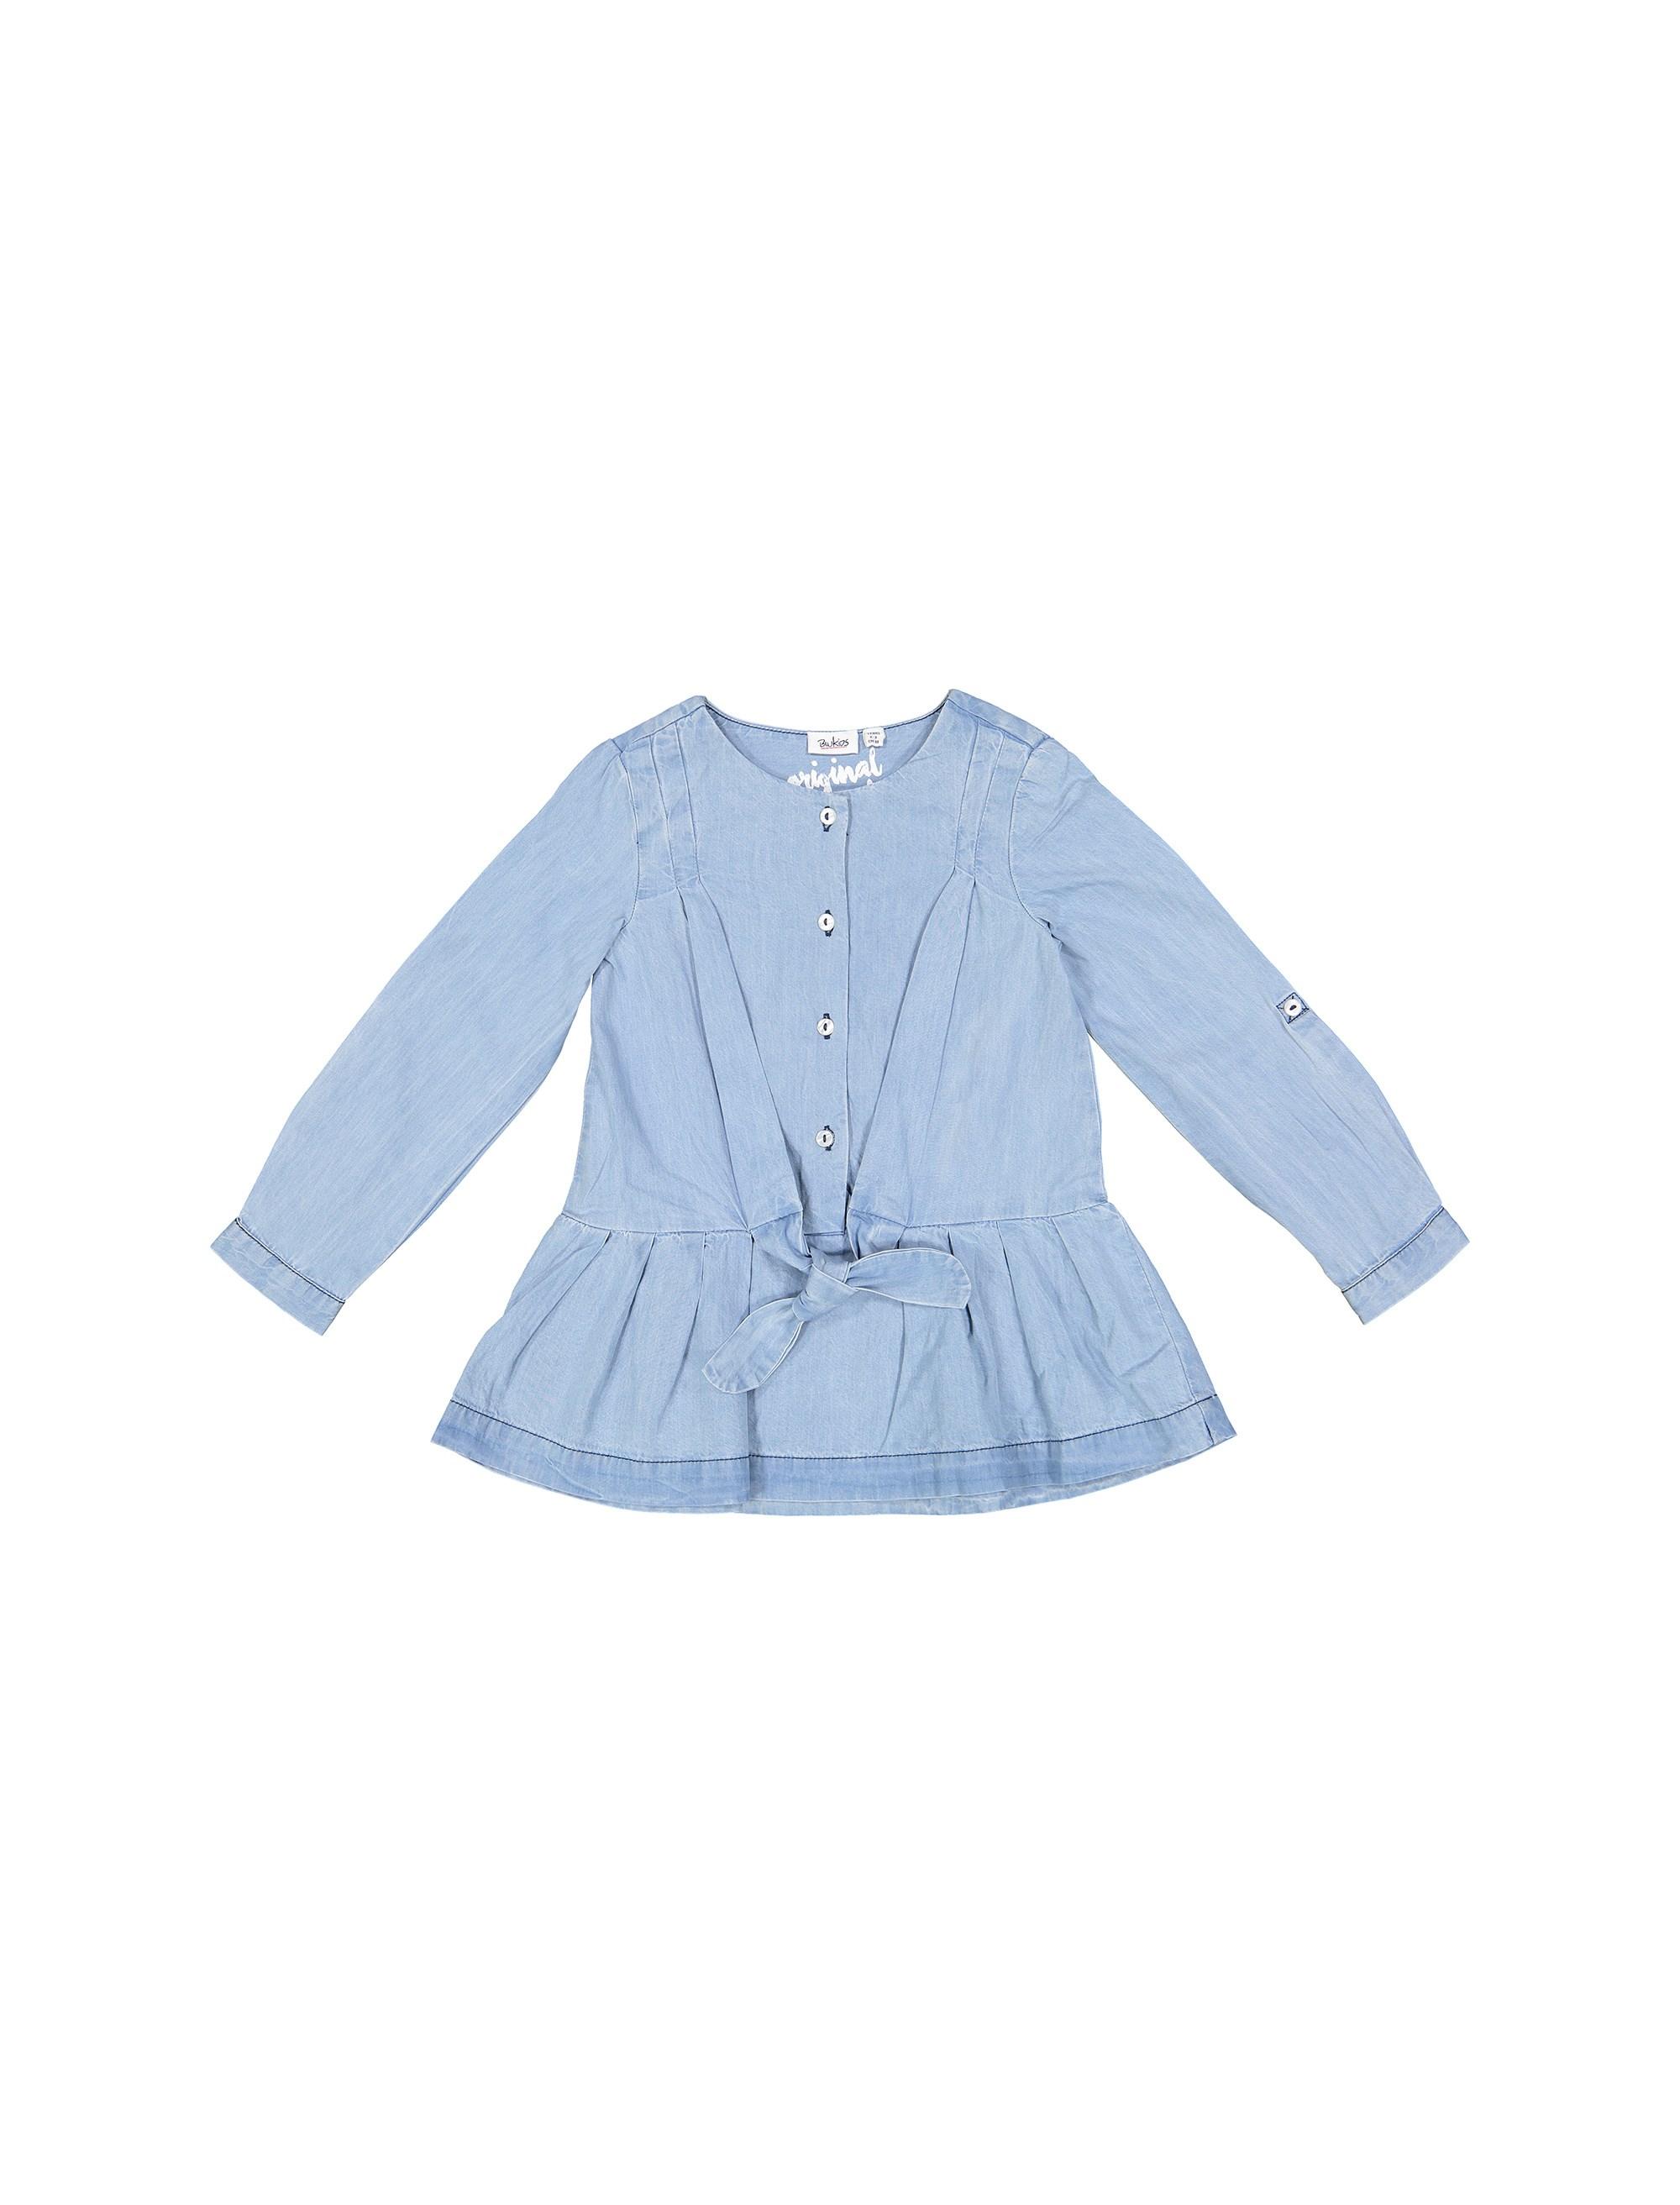 پیراهن نخی روزمره دخترانه - بلوکیدز - آبي روشن - 1